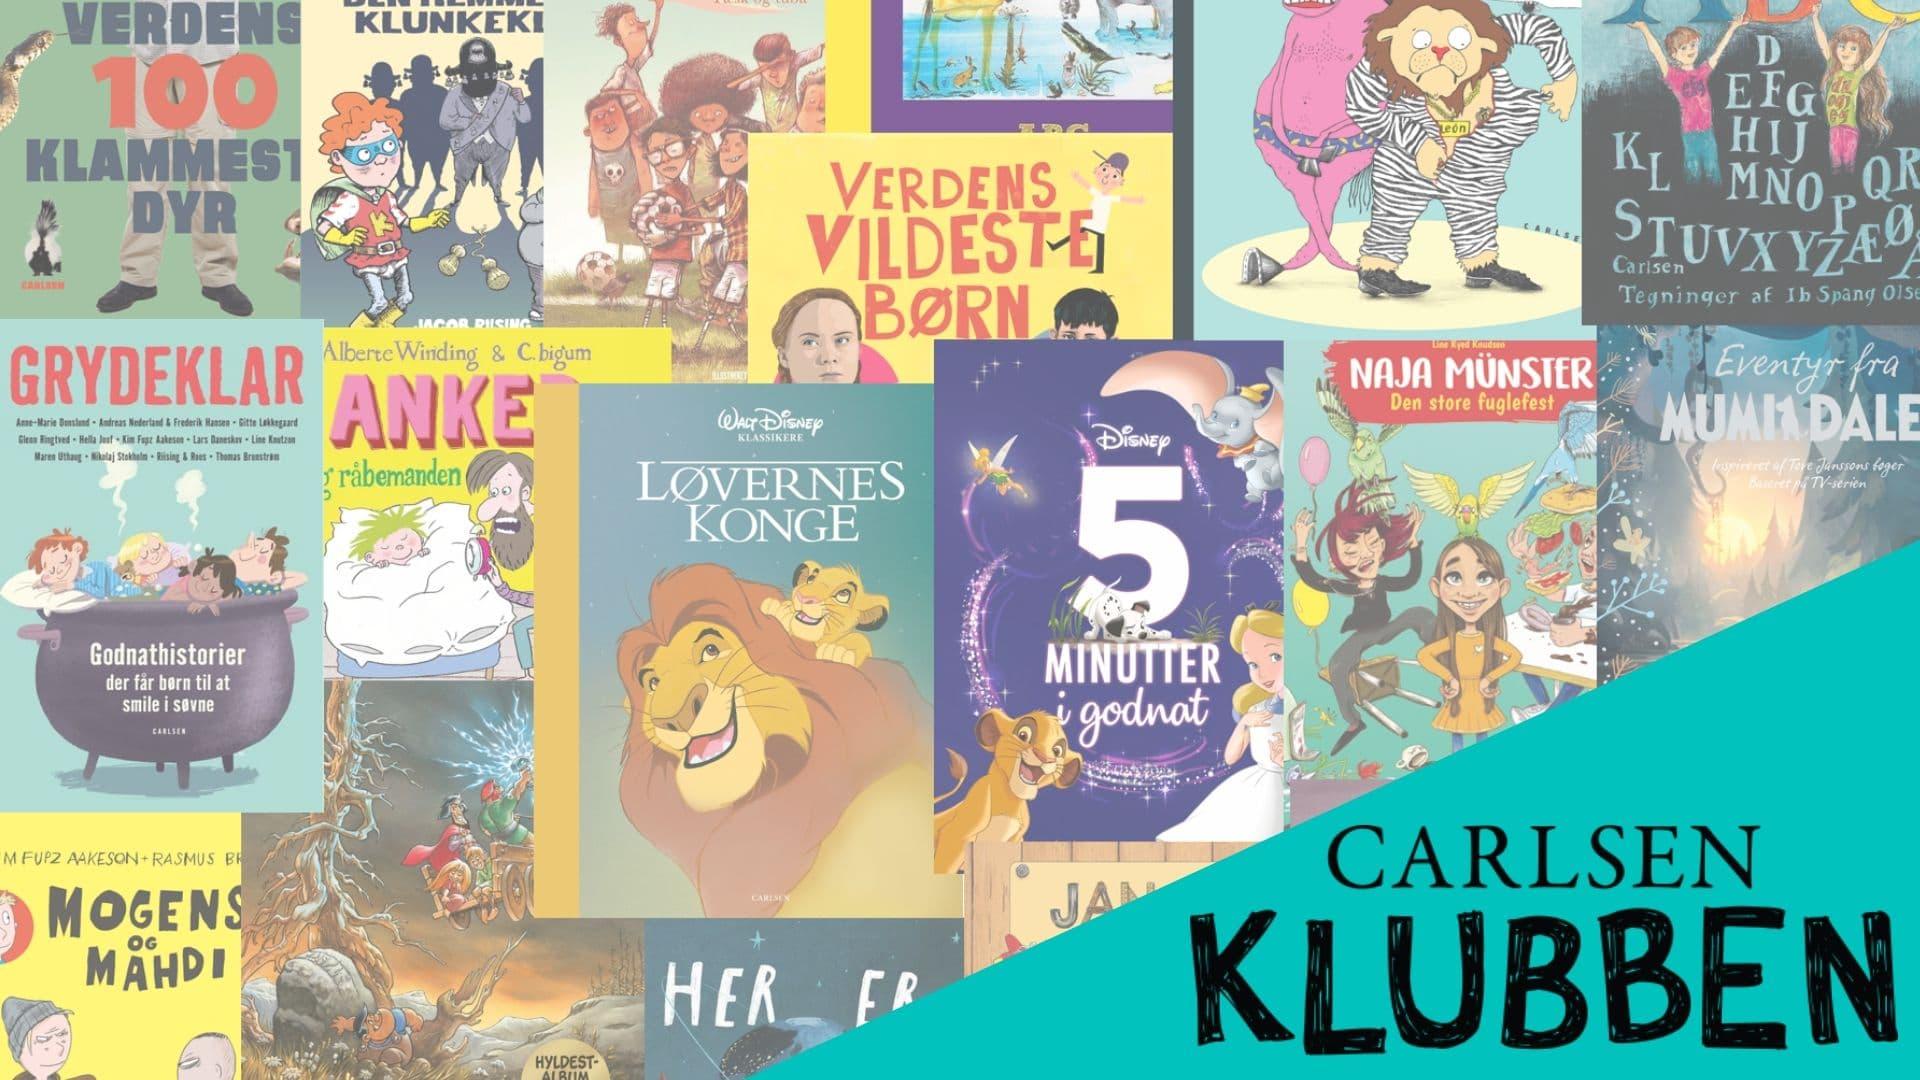 Carlsen Klubben, børnebøger